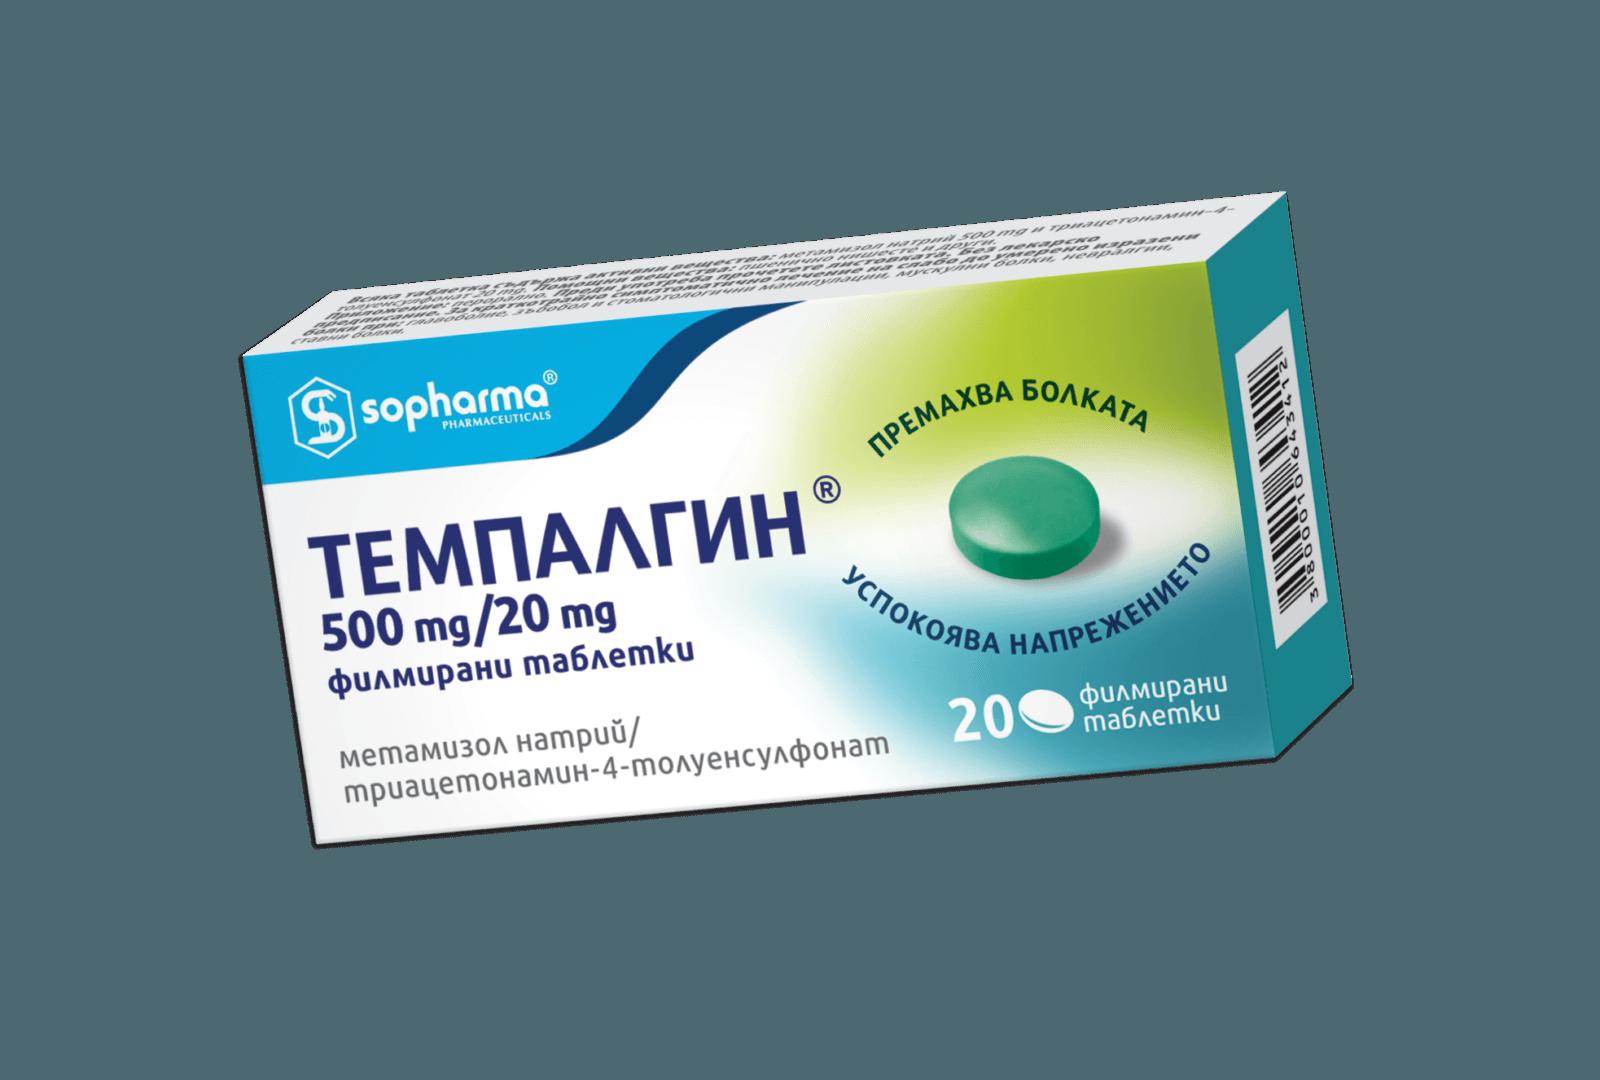 Сильные обезболивающие средства от зубной боли без рецептов. названия, лучшие, состав, безопасность и эффективность